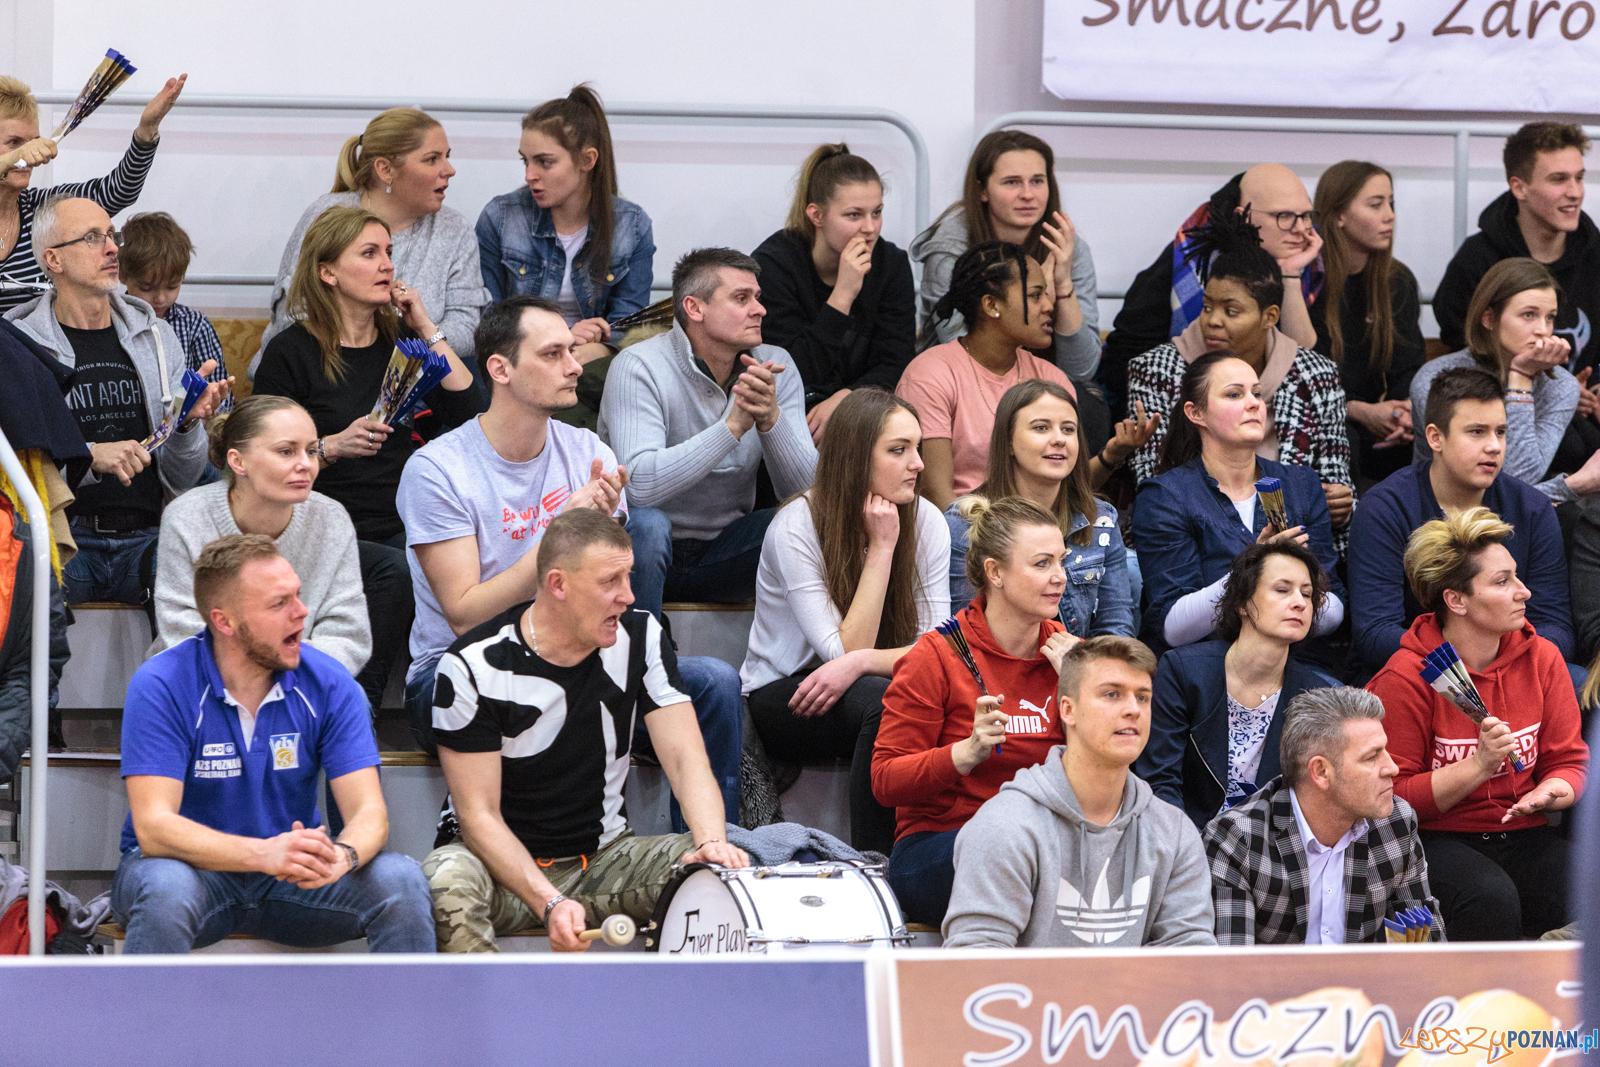 MP U22: VBW GTK Gdynia - Enea AZS Poznań 38:43 - Poznań 23.02.  Foto: LepszyPOZNAN.pl / Paweł Rychter